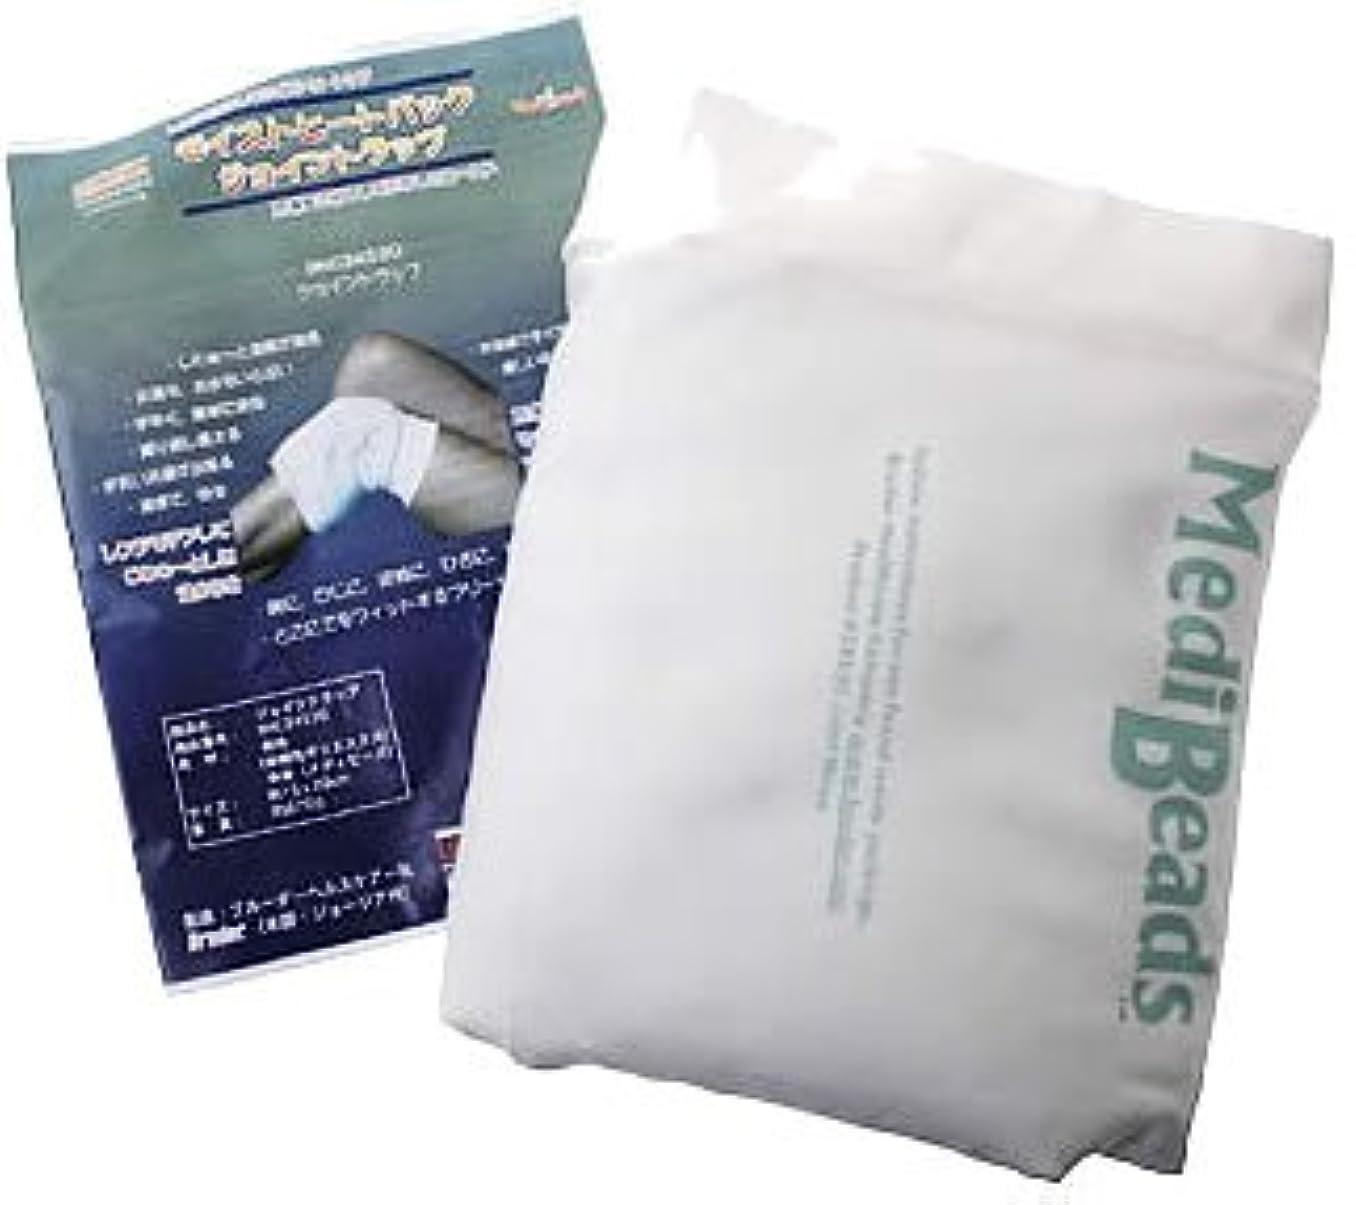 ラッドヤードキップリング誤って有名【一般医療機器】アコードインターナショナル (BHC34530) モイストヒートパック メディビーズ (ジョイントラップ) 15×20cm 温湿熱パック 温熱療法